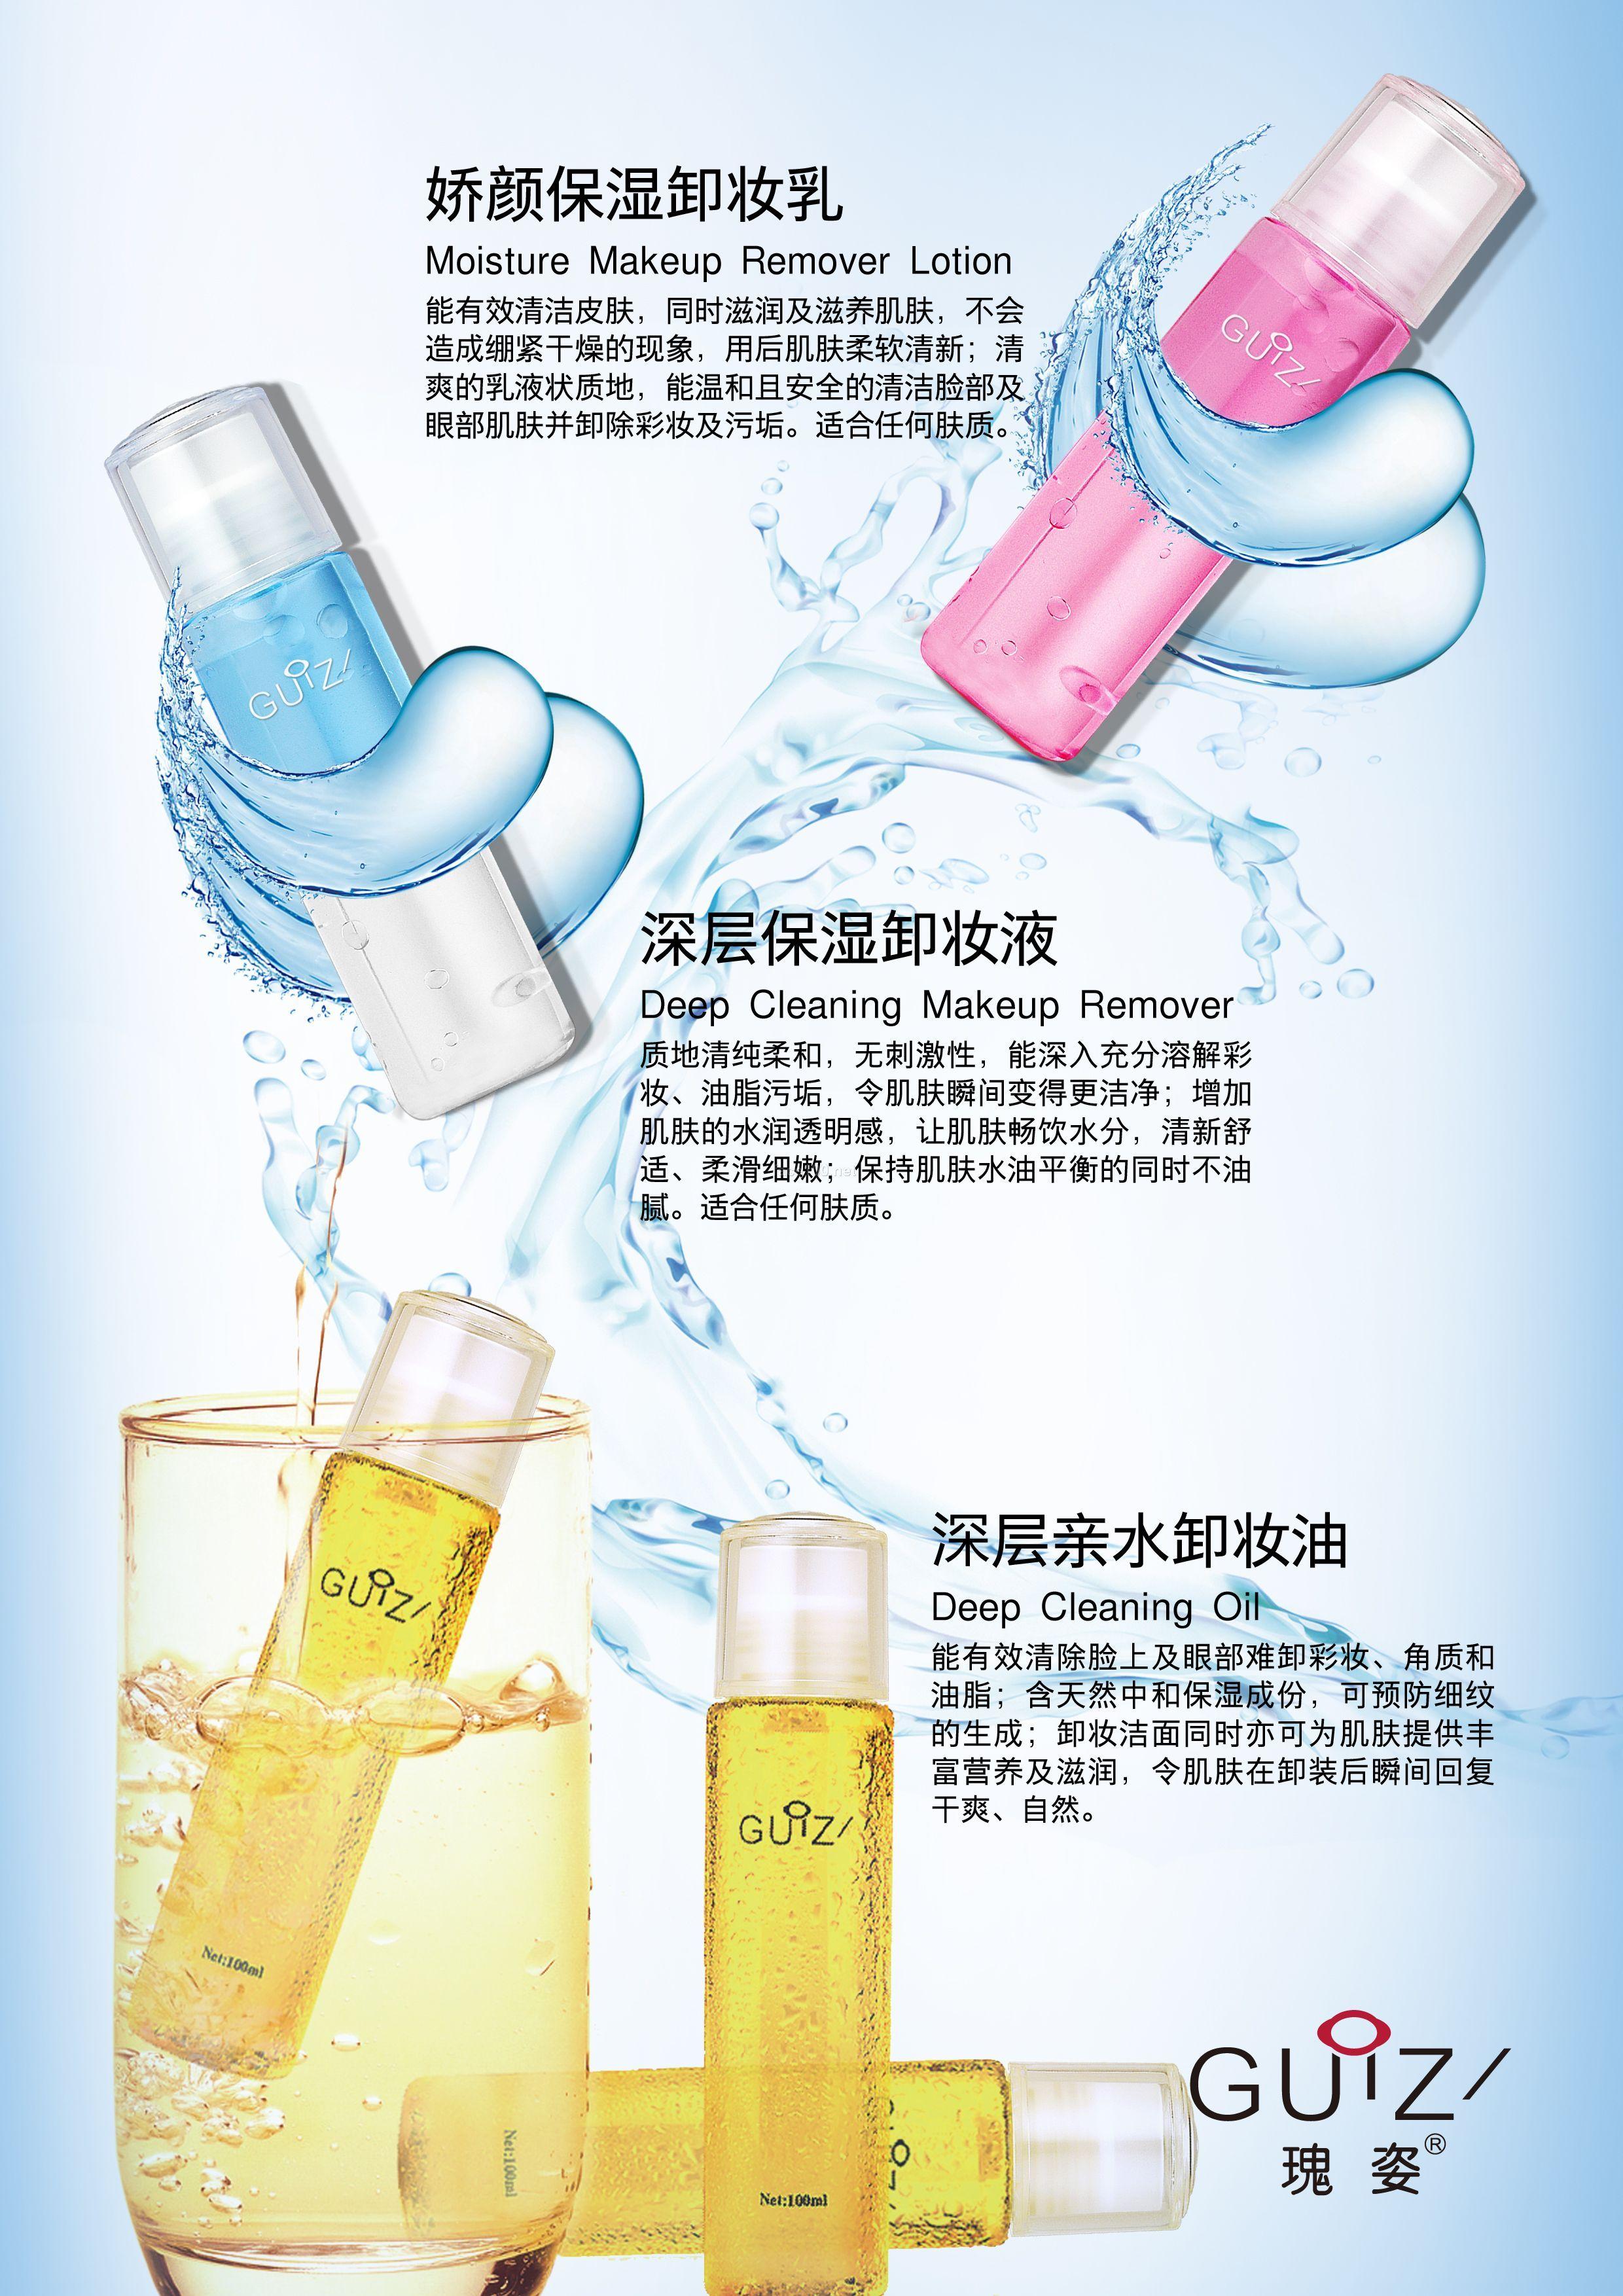 娇颜保湿卸妆乳/深层保湿卸妆液/深层亲水卸妆油